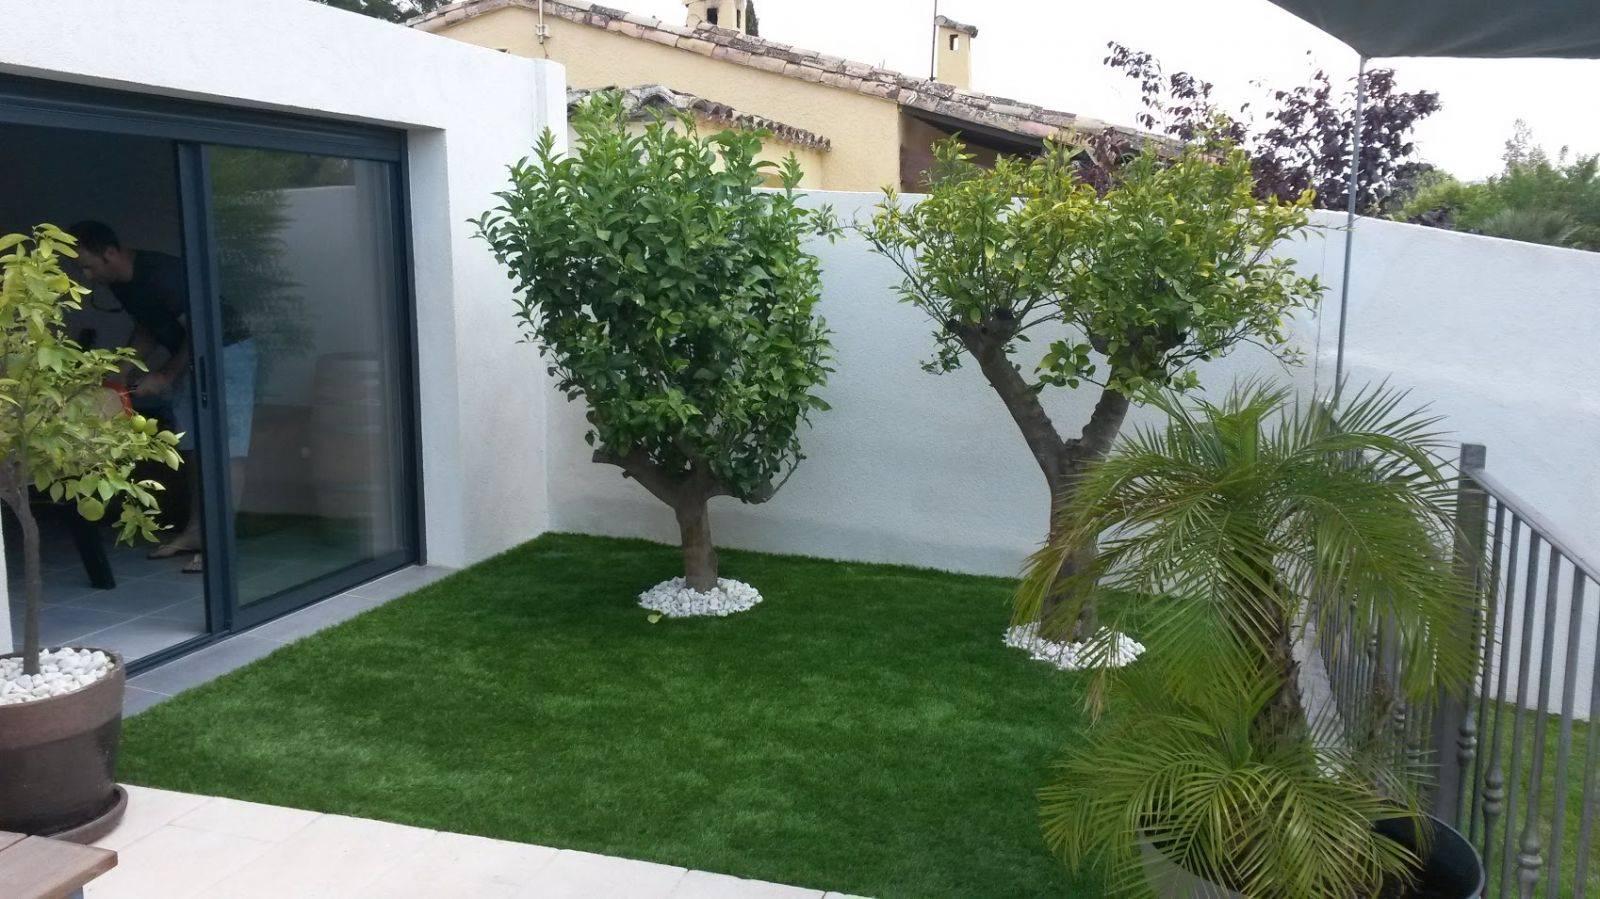 Aménager Son Jardin Avec Gazon Synthétique, Marseille ... tout Aménager Son Jardin Pour Pas Cher